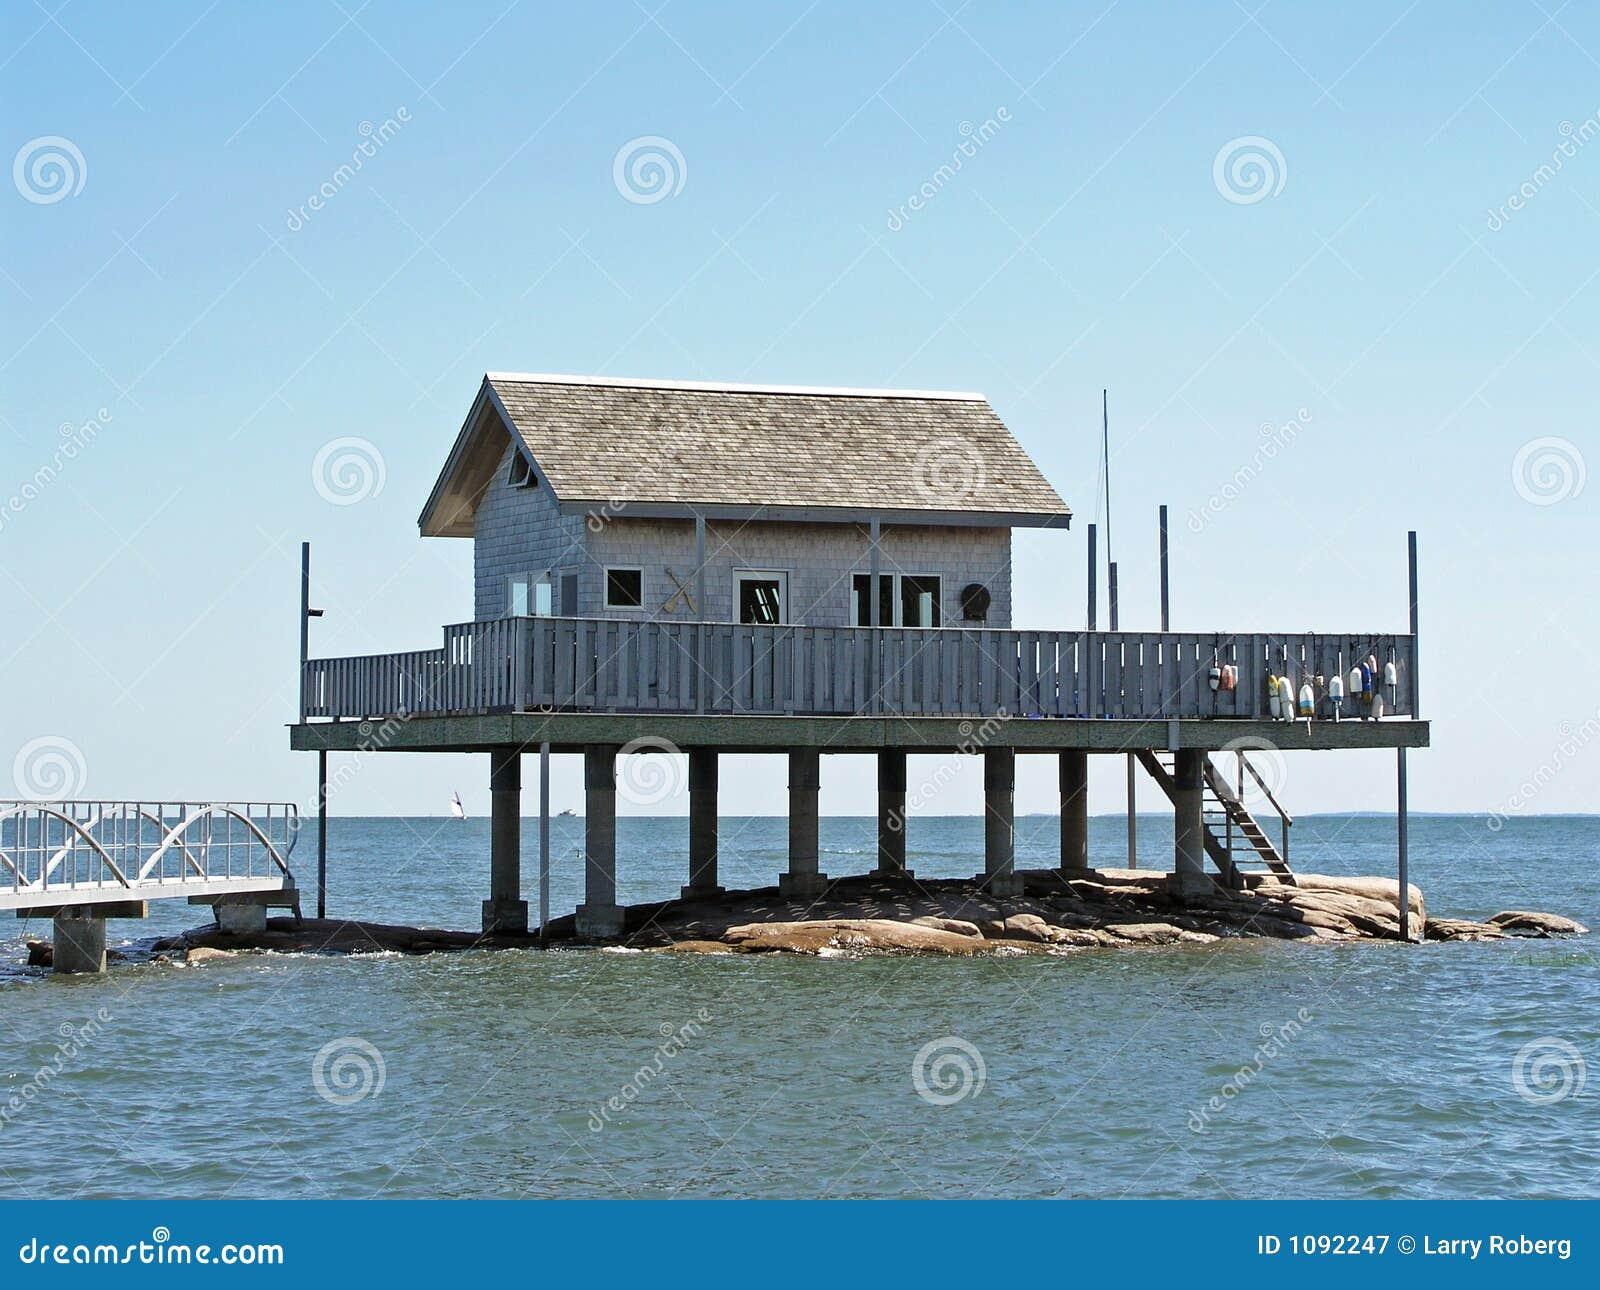 haus ber dem wasser stockbild bild von erh ht pier 1092247. Black Bedroom Furniture Sets. Home Design Ideas